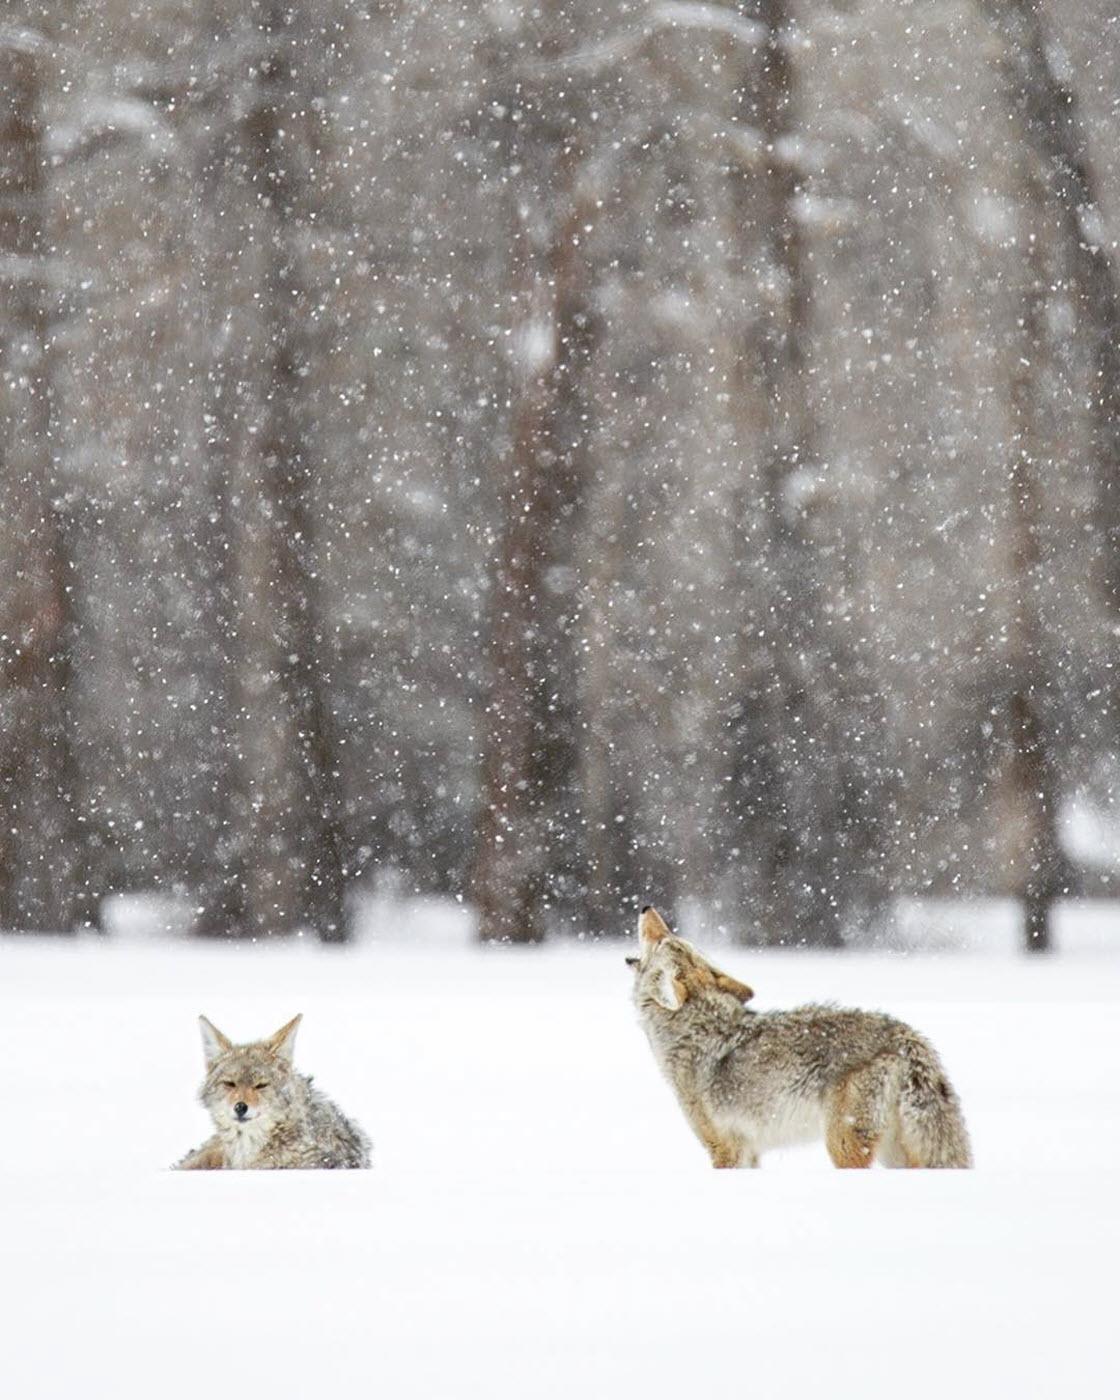 Дикие животные в Национальном парке Гранд-Титон животный мир,природа,животные,красота,парк